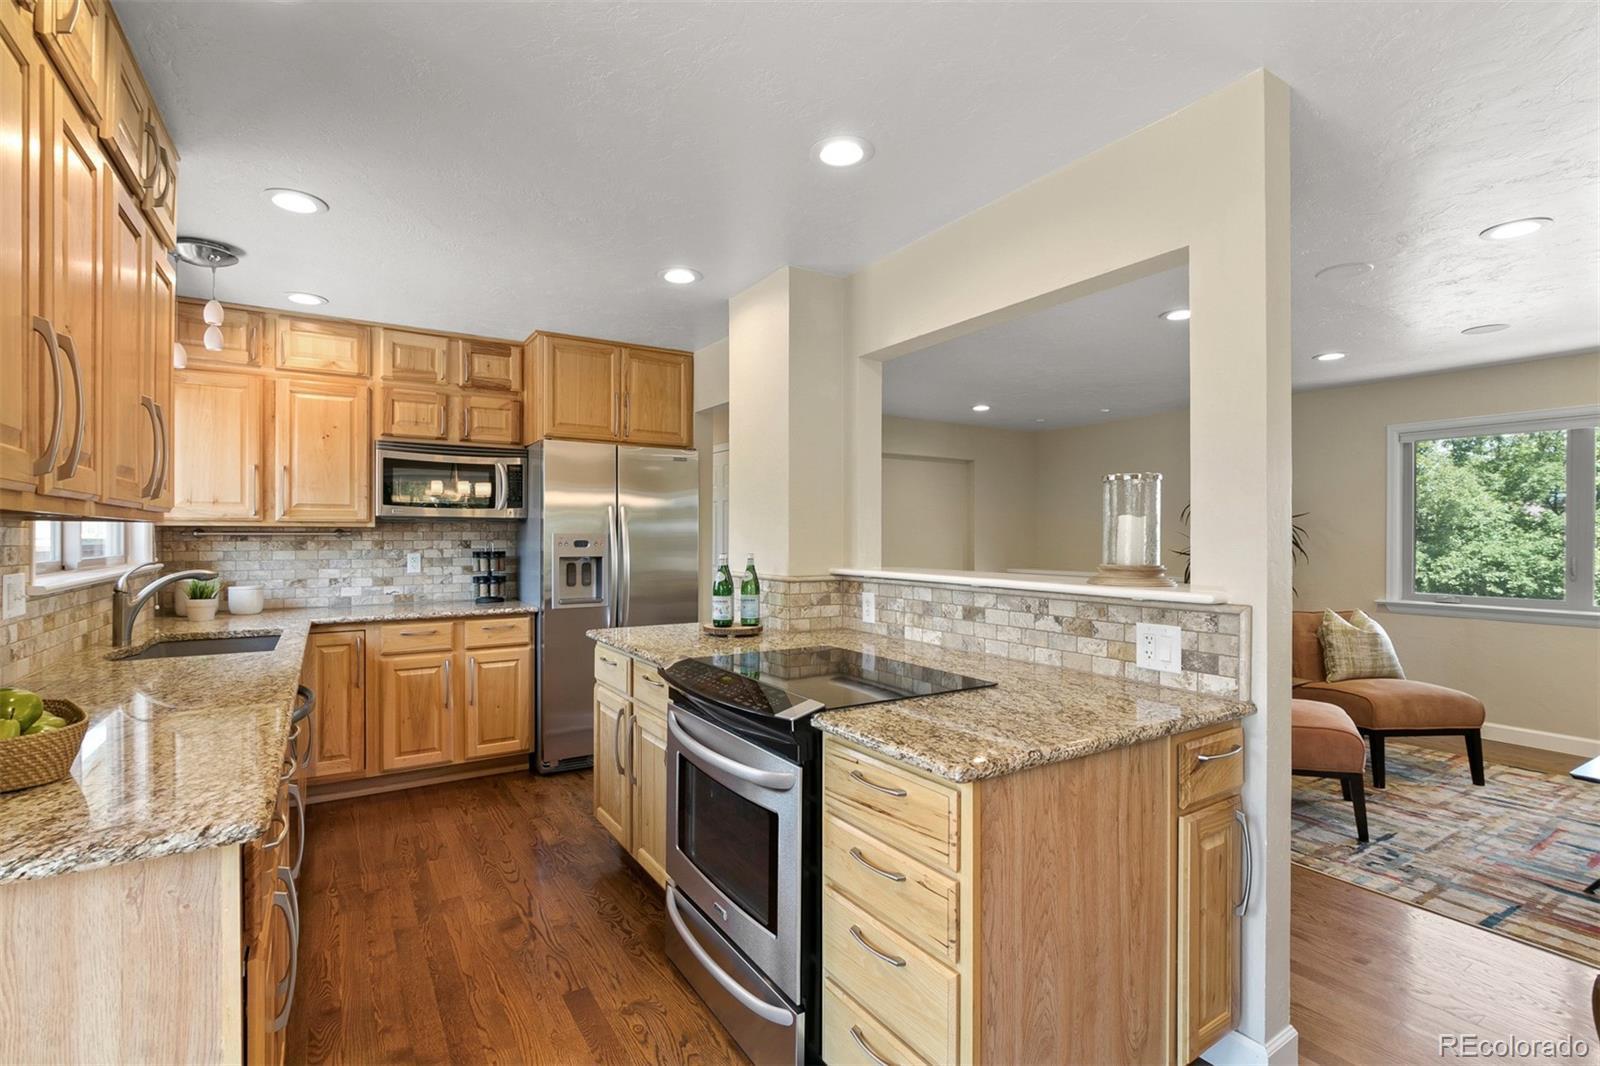 MLS# 2204463 - 8 - 1346 Scrub Oak Circle, Boulder, CO 80305